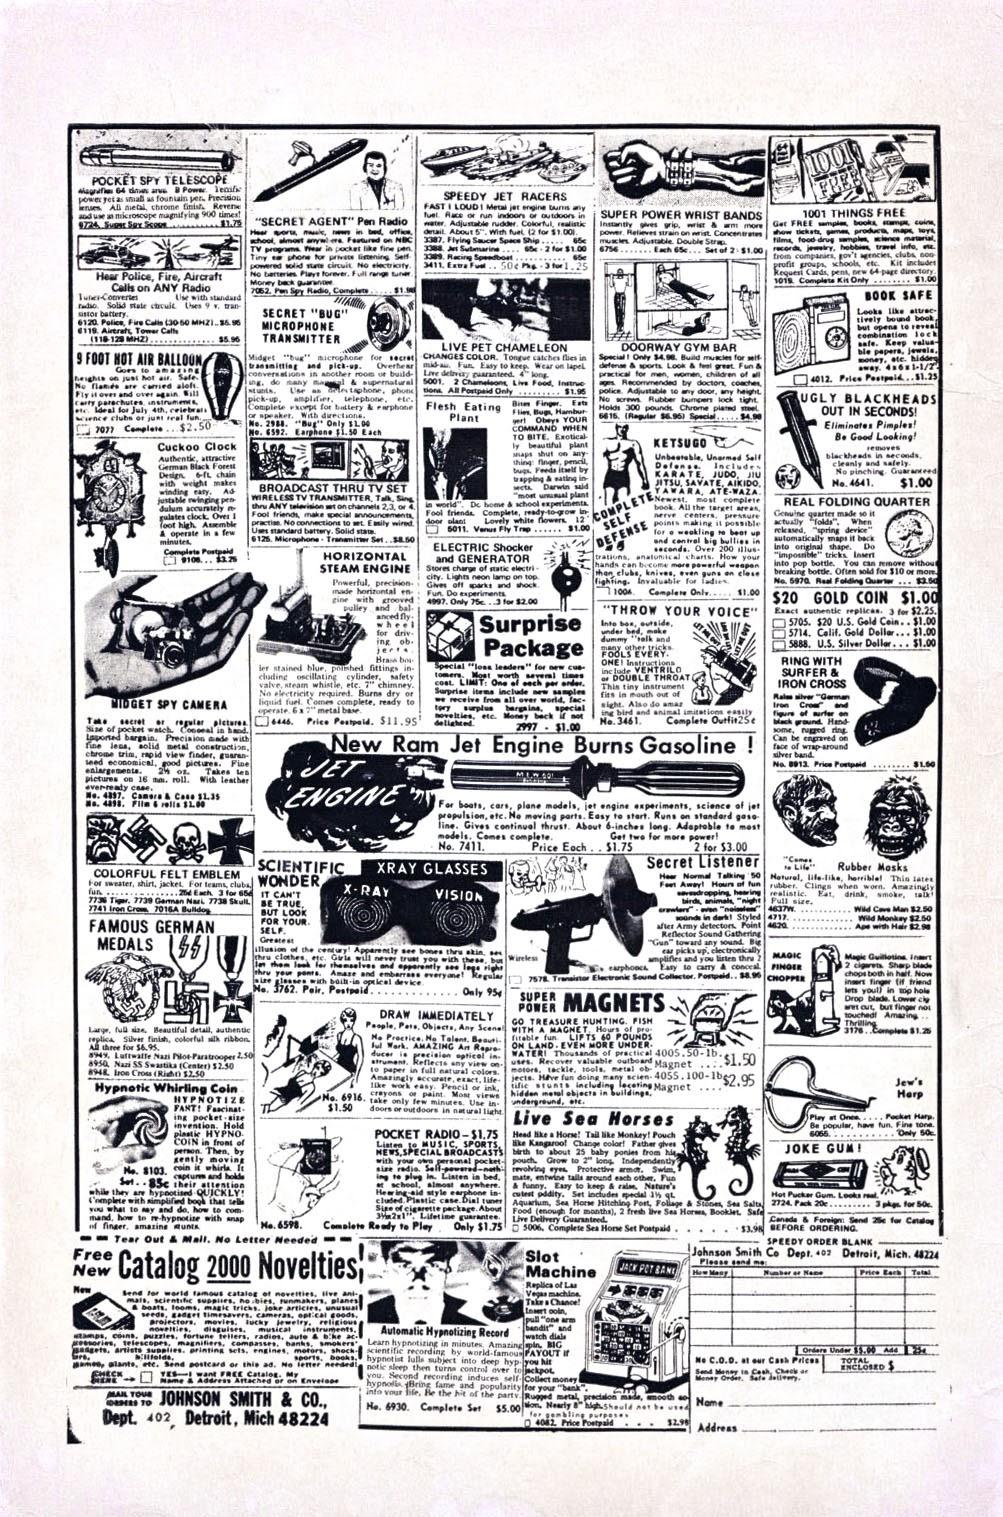 Abbott & Costello 11 Page 2